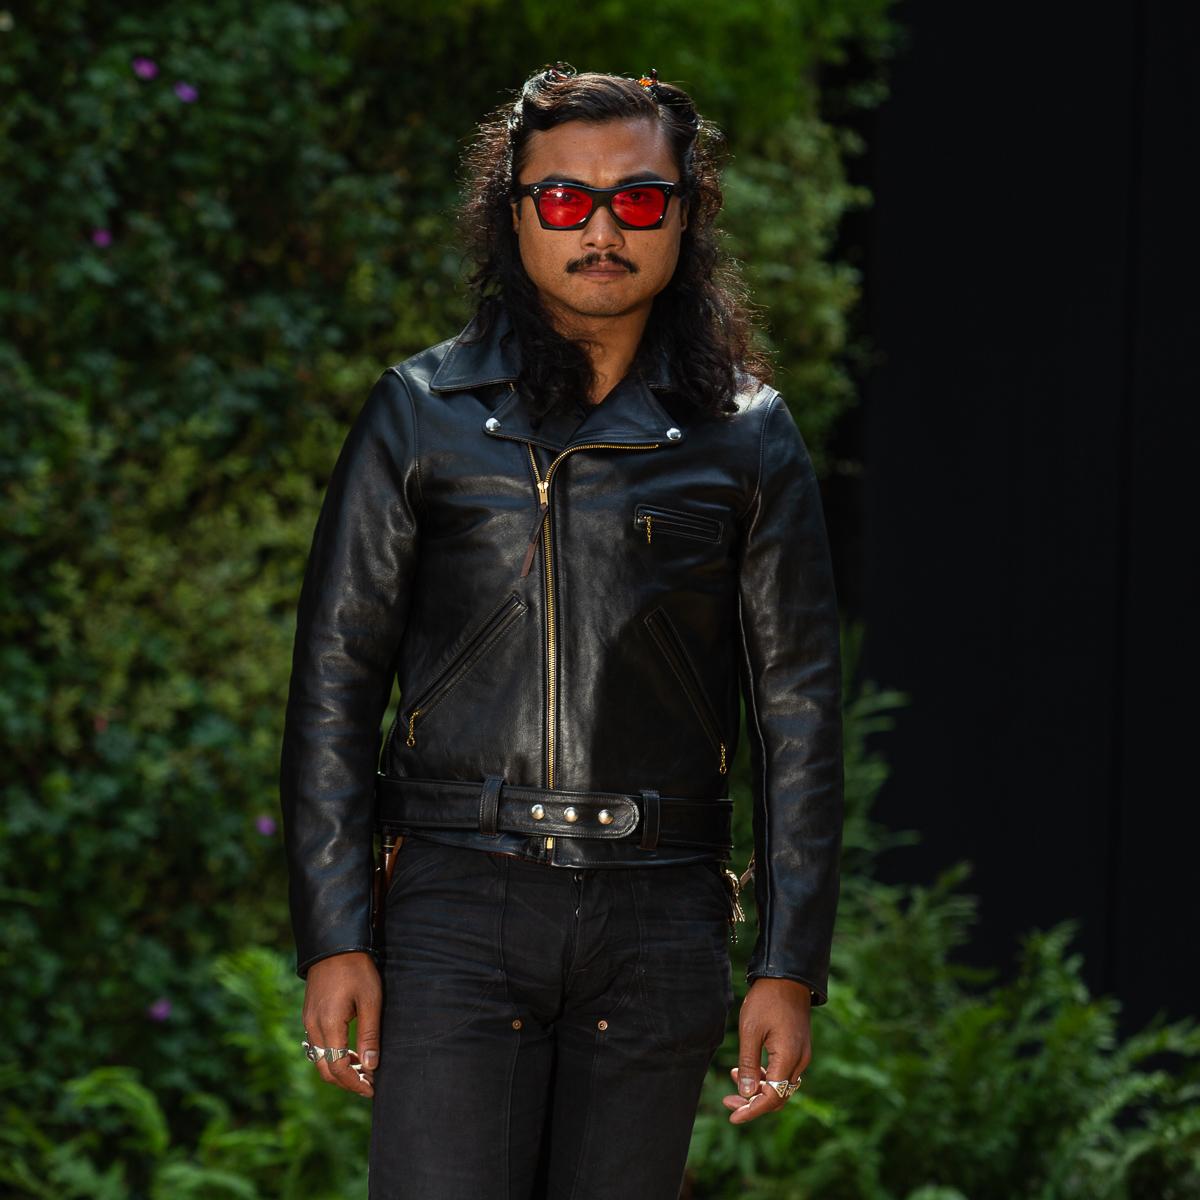 RMC - Buco JH-1 Horsehide Leather Jacket-Onbody-5760 x 3840-25.jpg